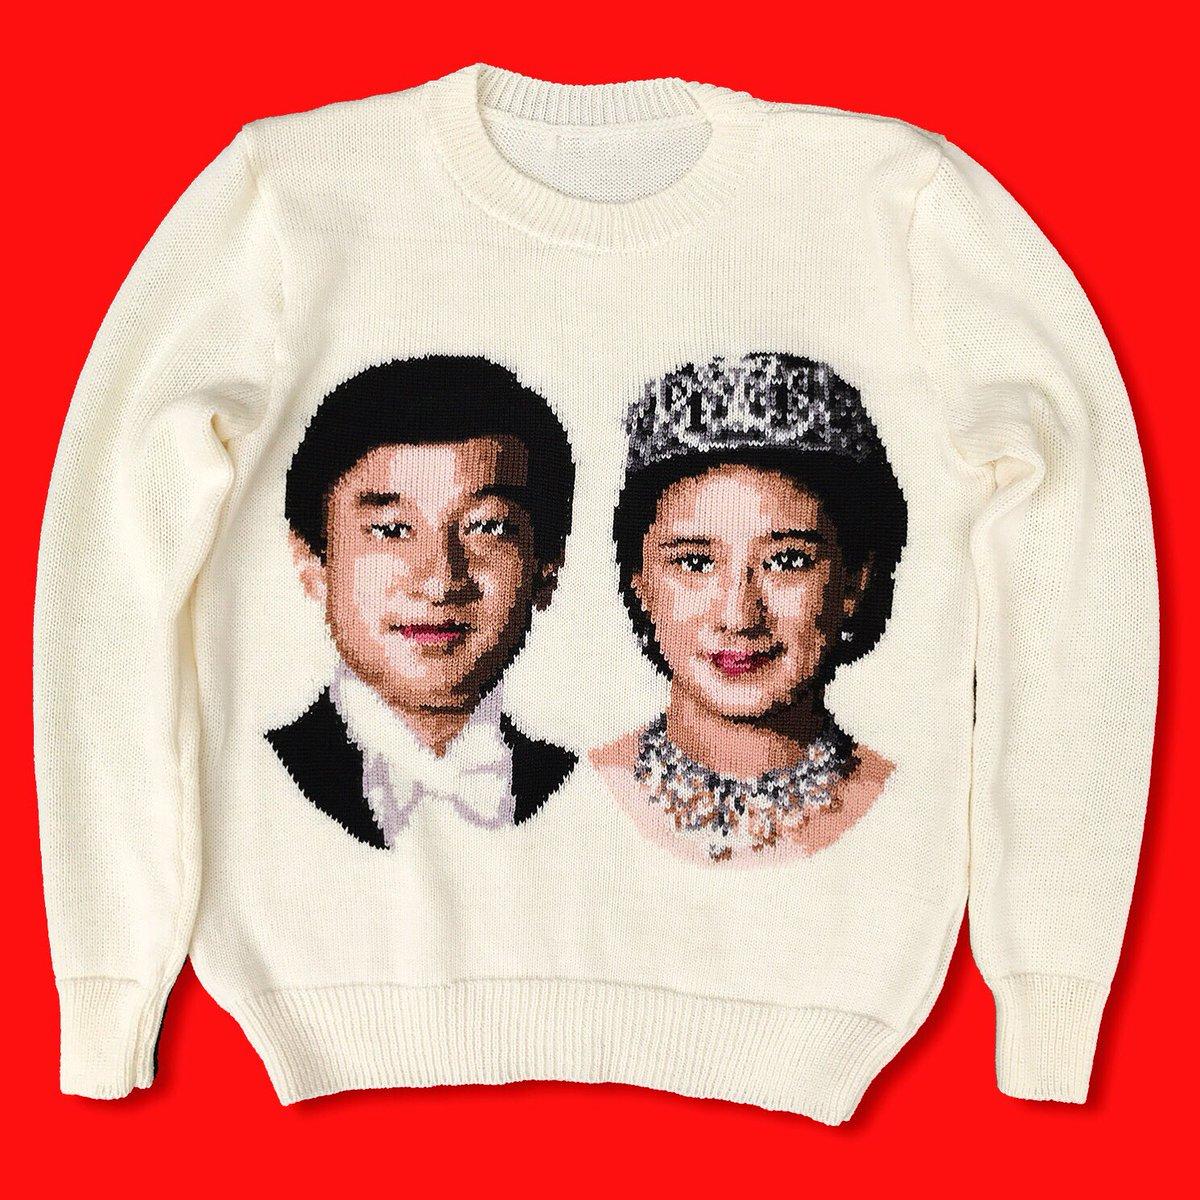 令和 / 天皇皇后両陛下セーター編みました。 https//t.co/DZrtwKx5U1